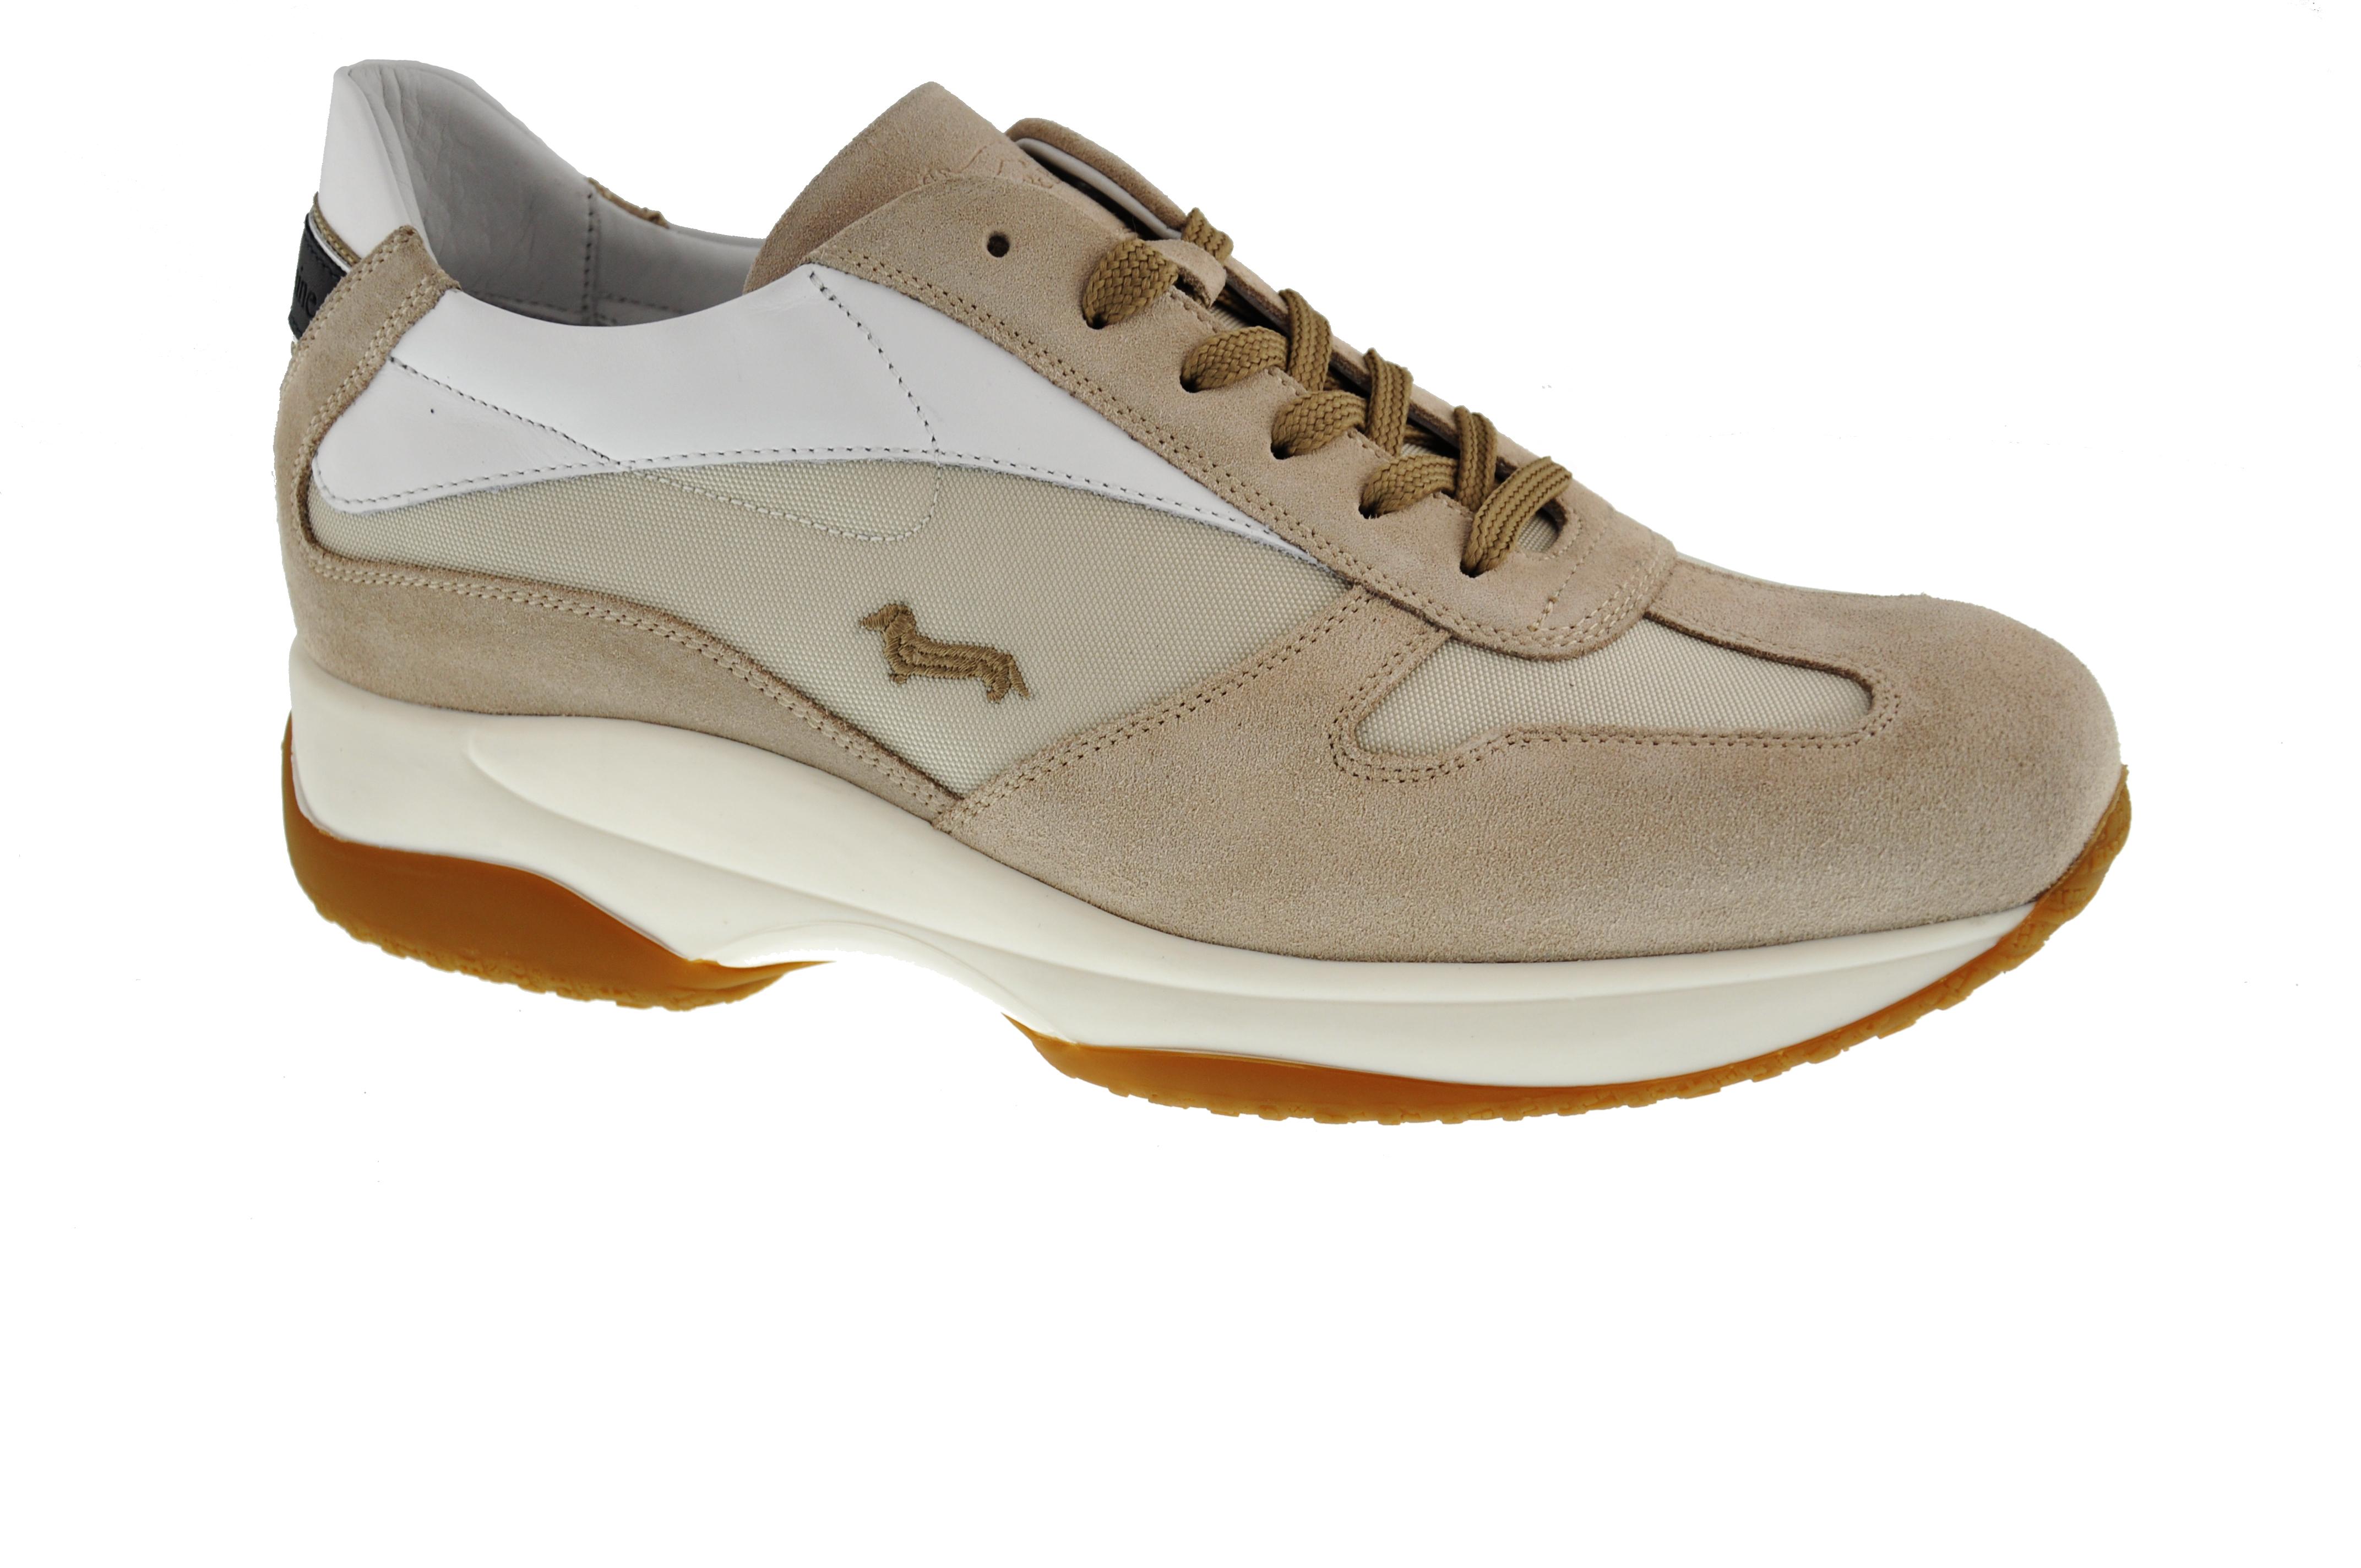 813796c978 Colore è la parola d'ordine per le calzature estive di Harmont ...